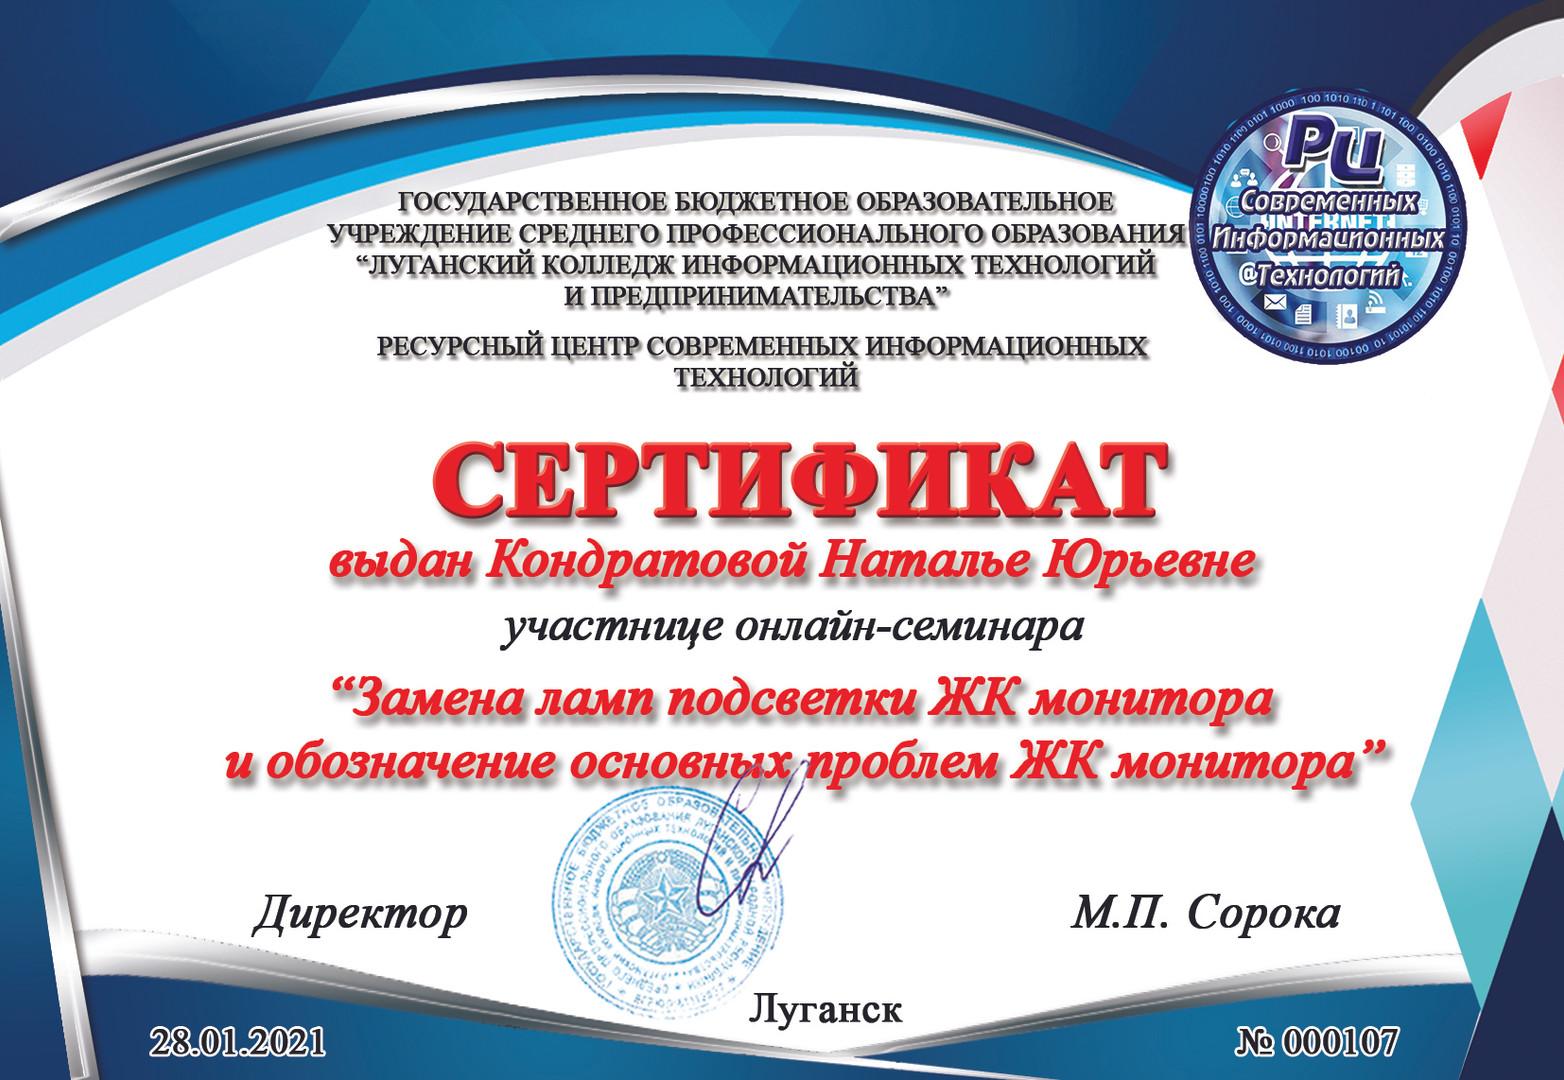 8. Кондратова Наталья Юрьеана.jpg